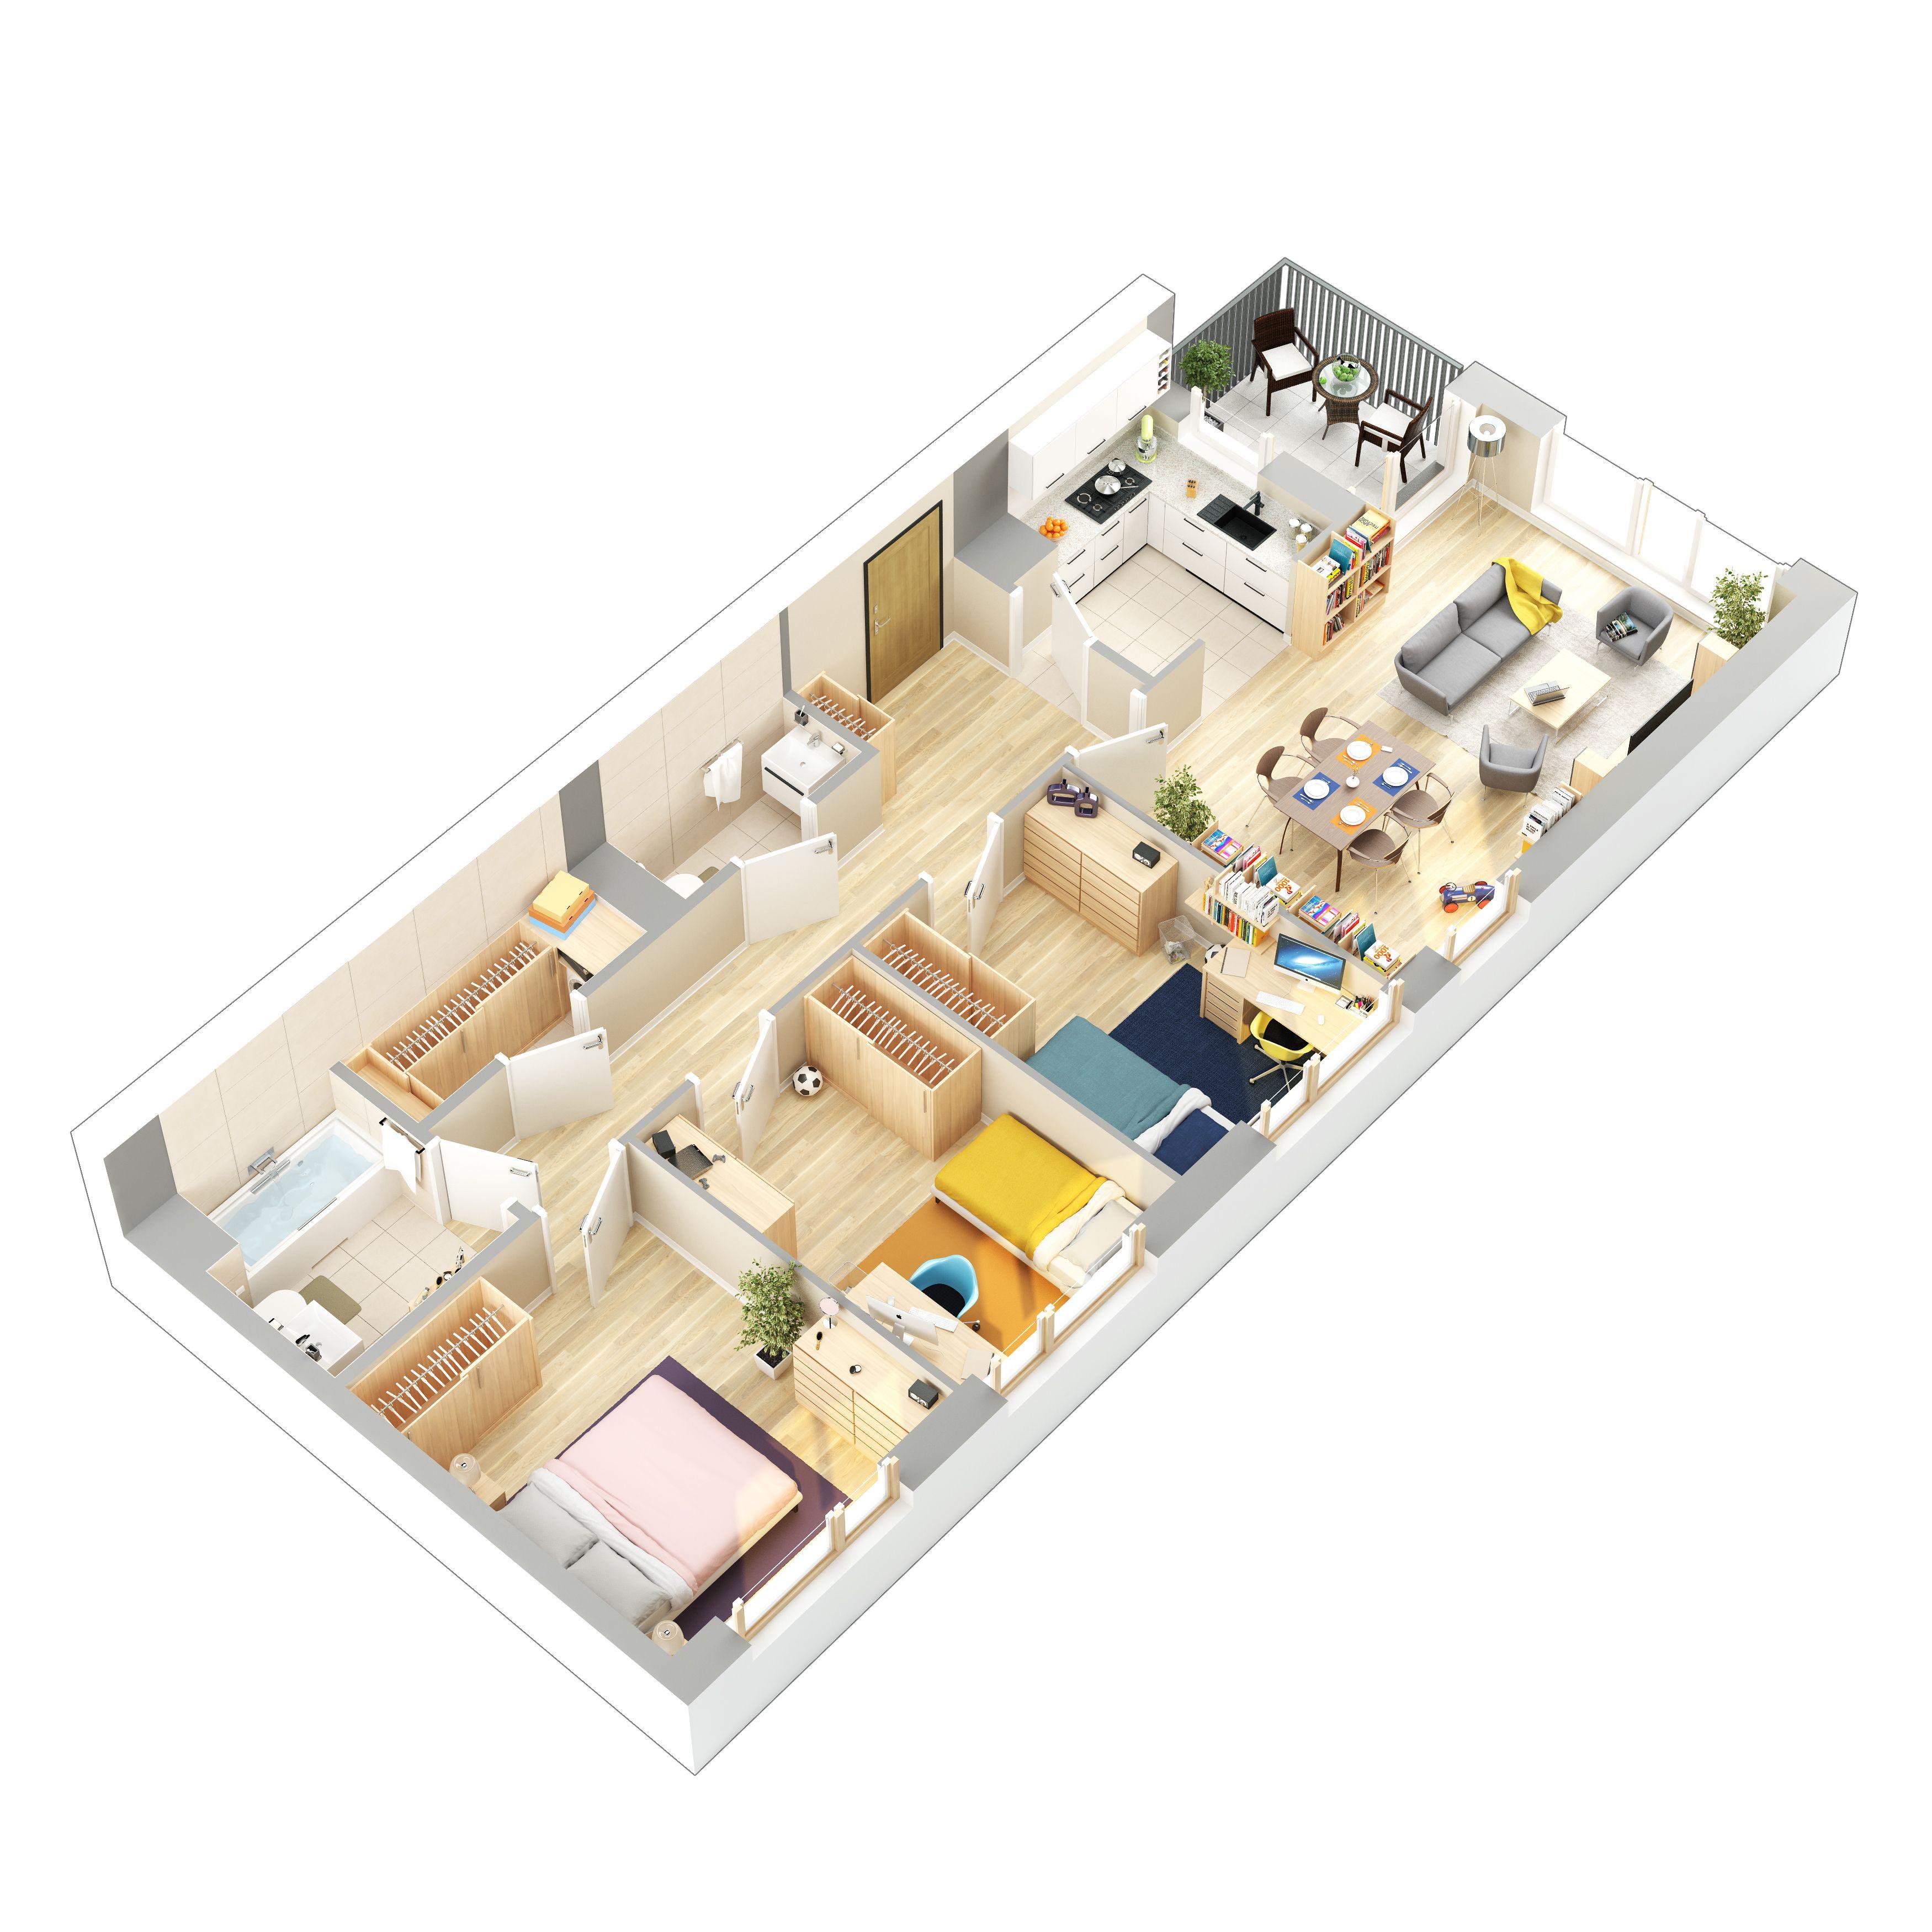 3d Floor Plans Of Flats Denah Rumah Kecil Denah Rumah Desain Rumah